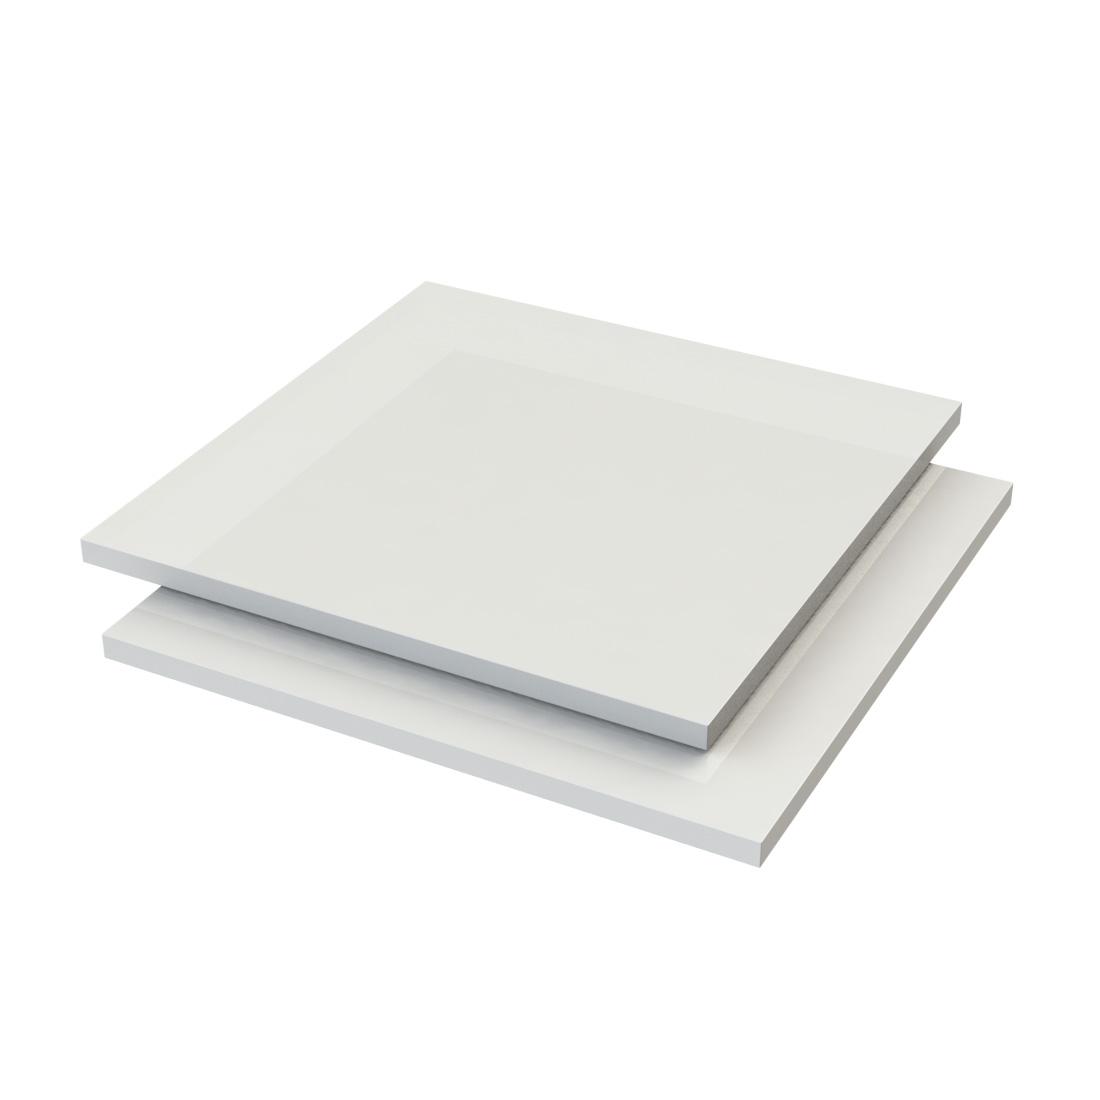 Altuglas PMMA Plaat Gegoten Opaal 100 27000 LT40% 3050x2030x10mm